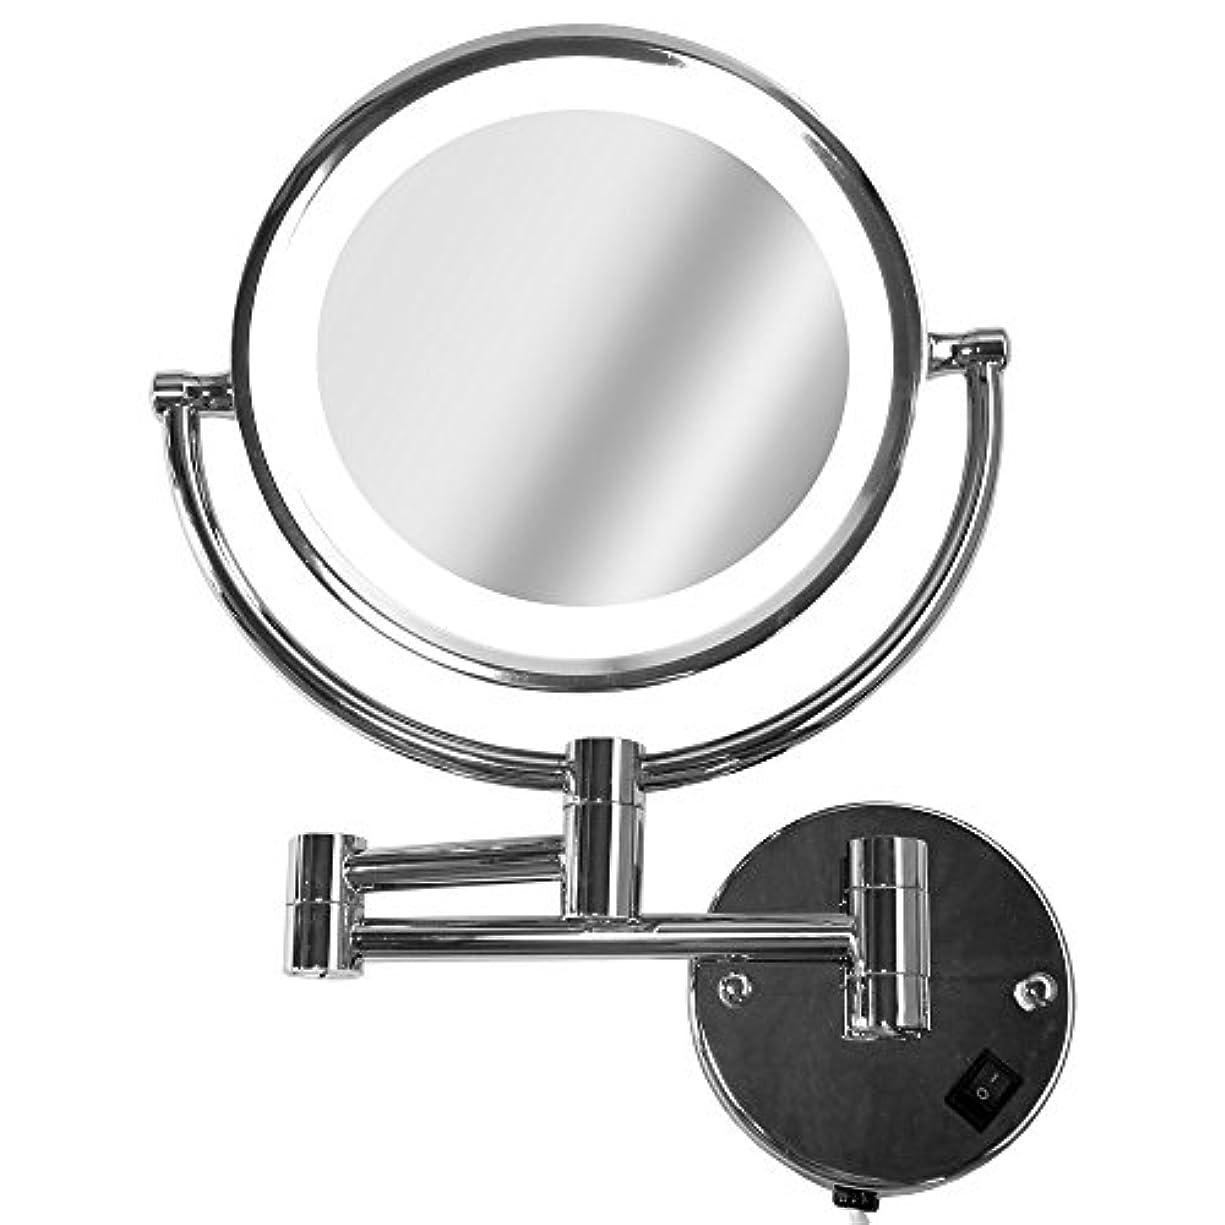 ボイコット雷雨エージェントLa Curie アームミラー 壁付けミラー 拡大鏡 折りたたみホテルミラー LEDライト付 5倍 LaCurie014